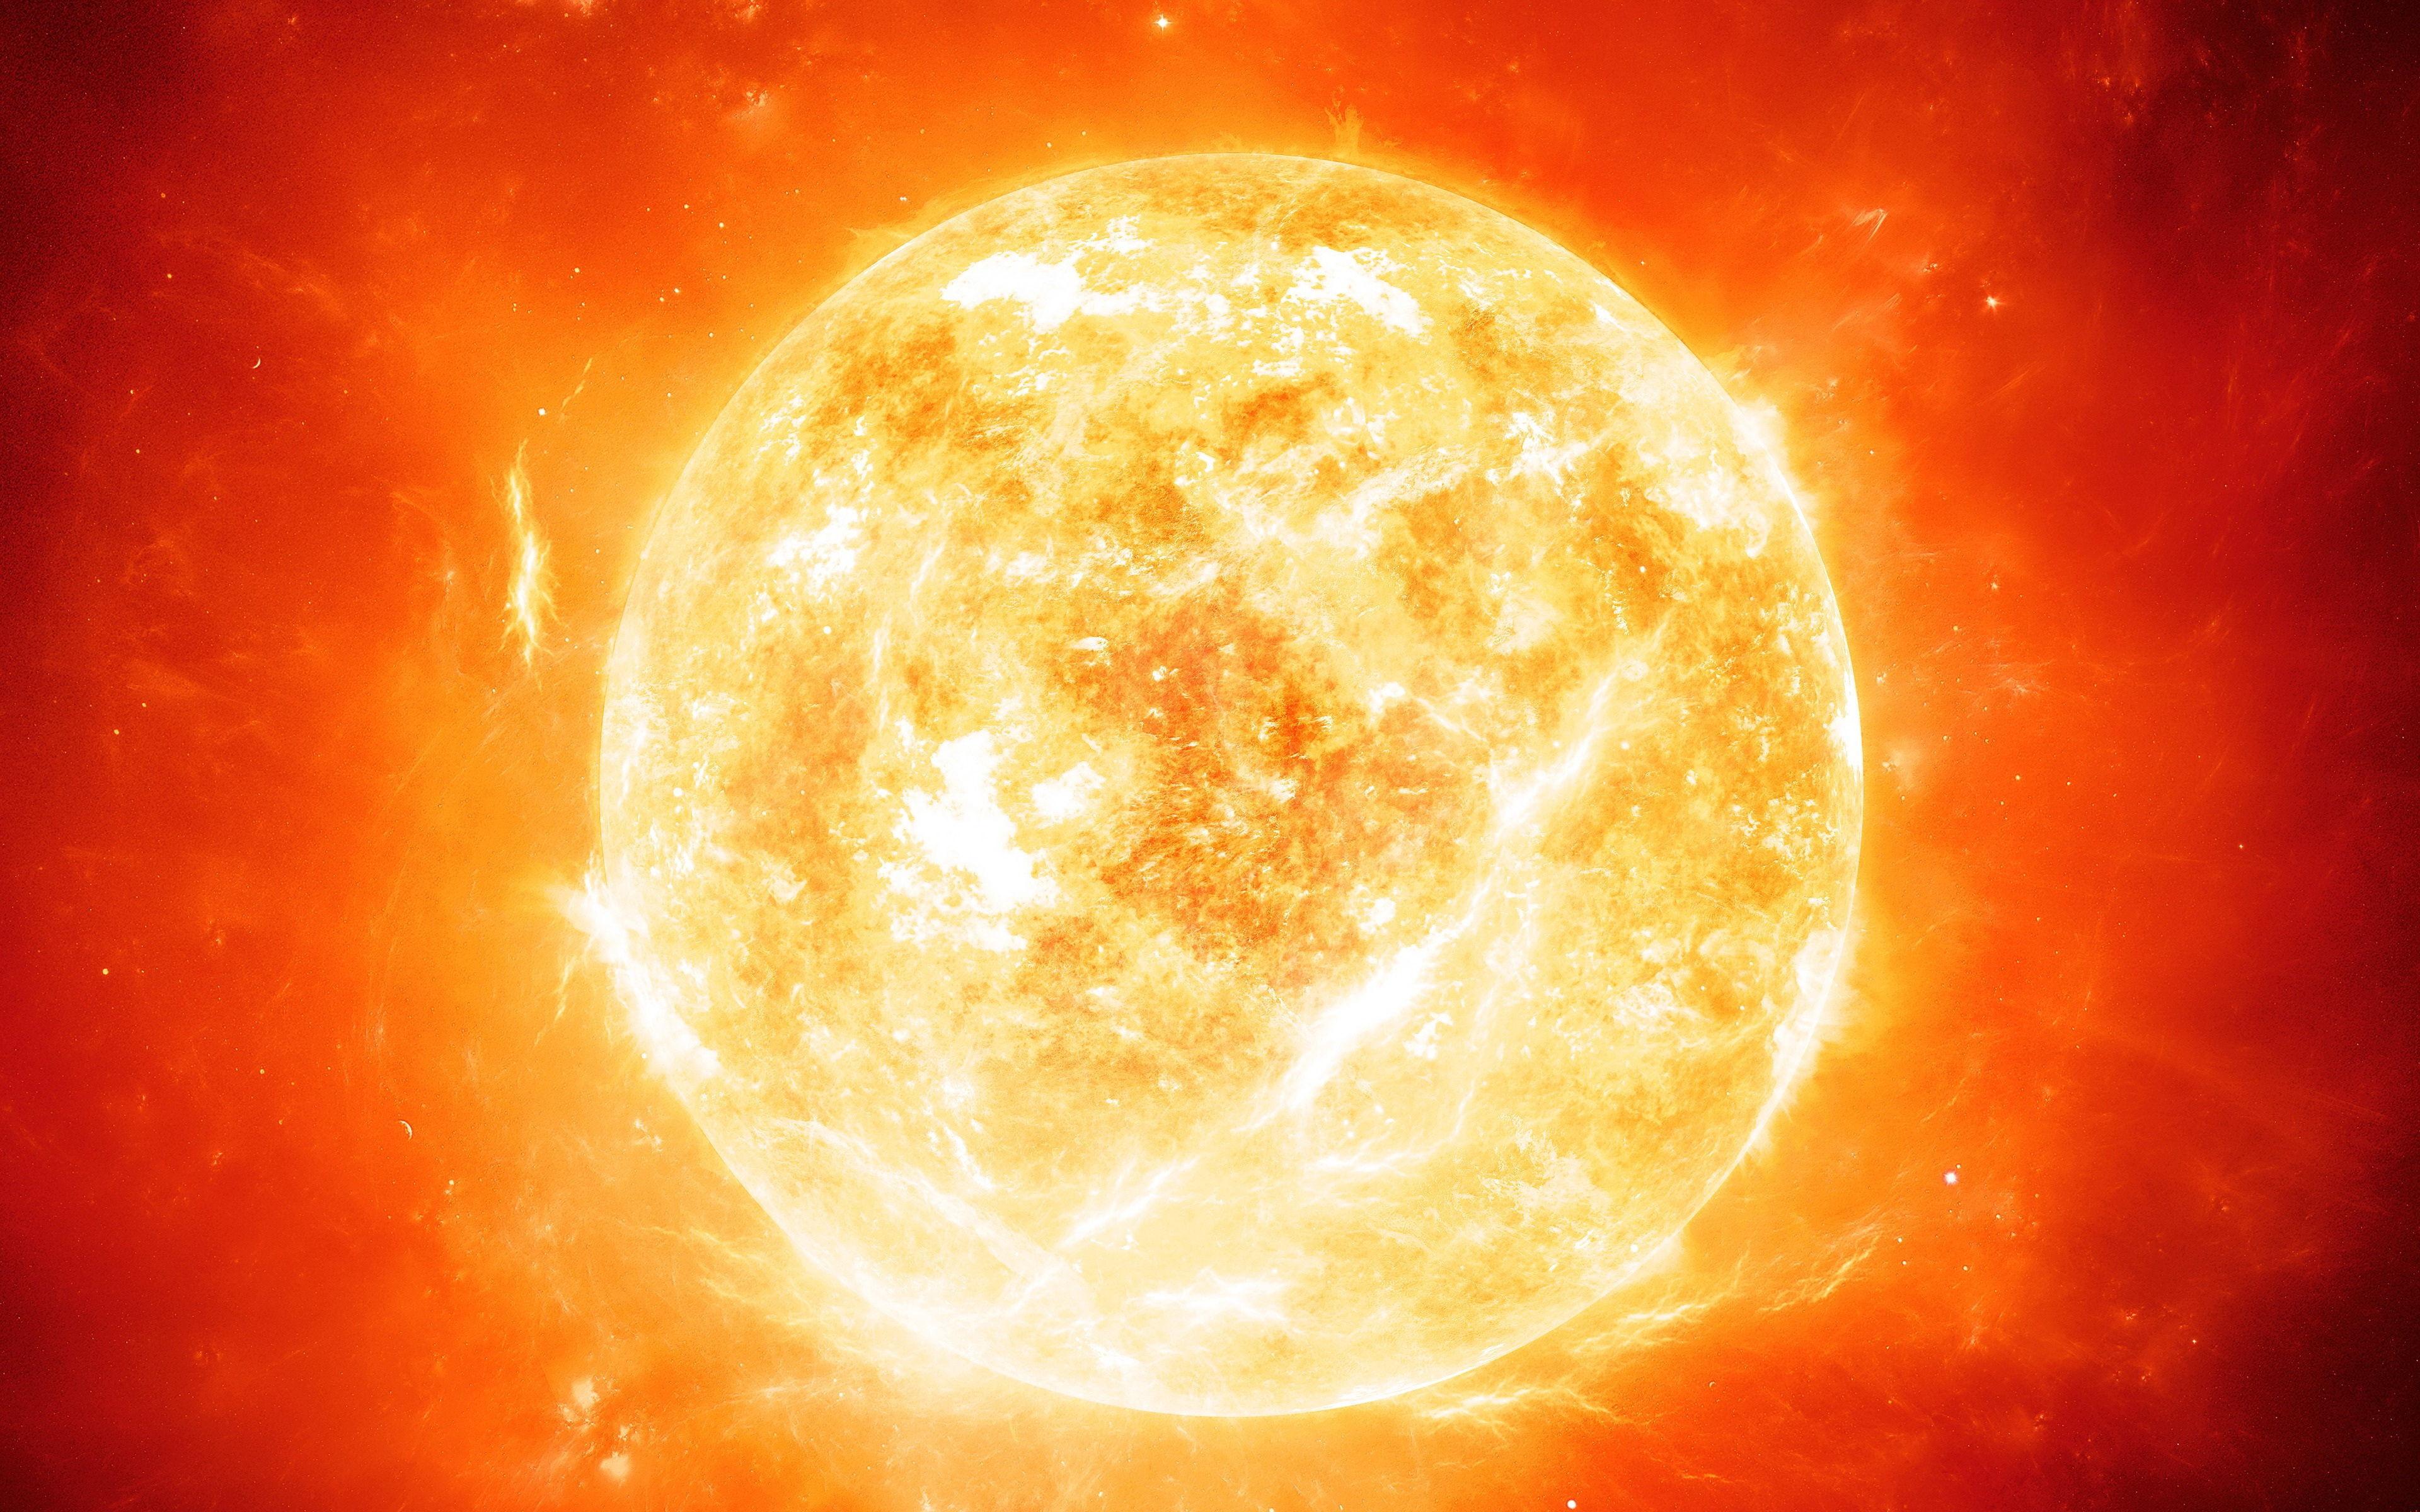 De un planeta chiquitito, a algo un tanto más grande: ¿Qué componente químico abunda más en el Sol?